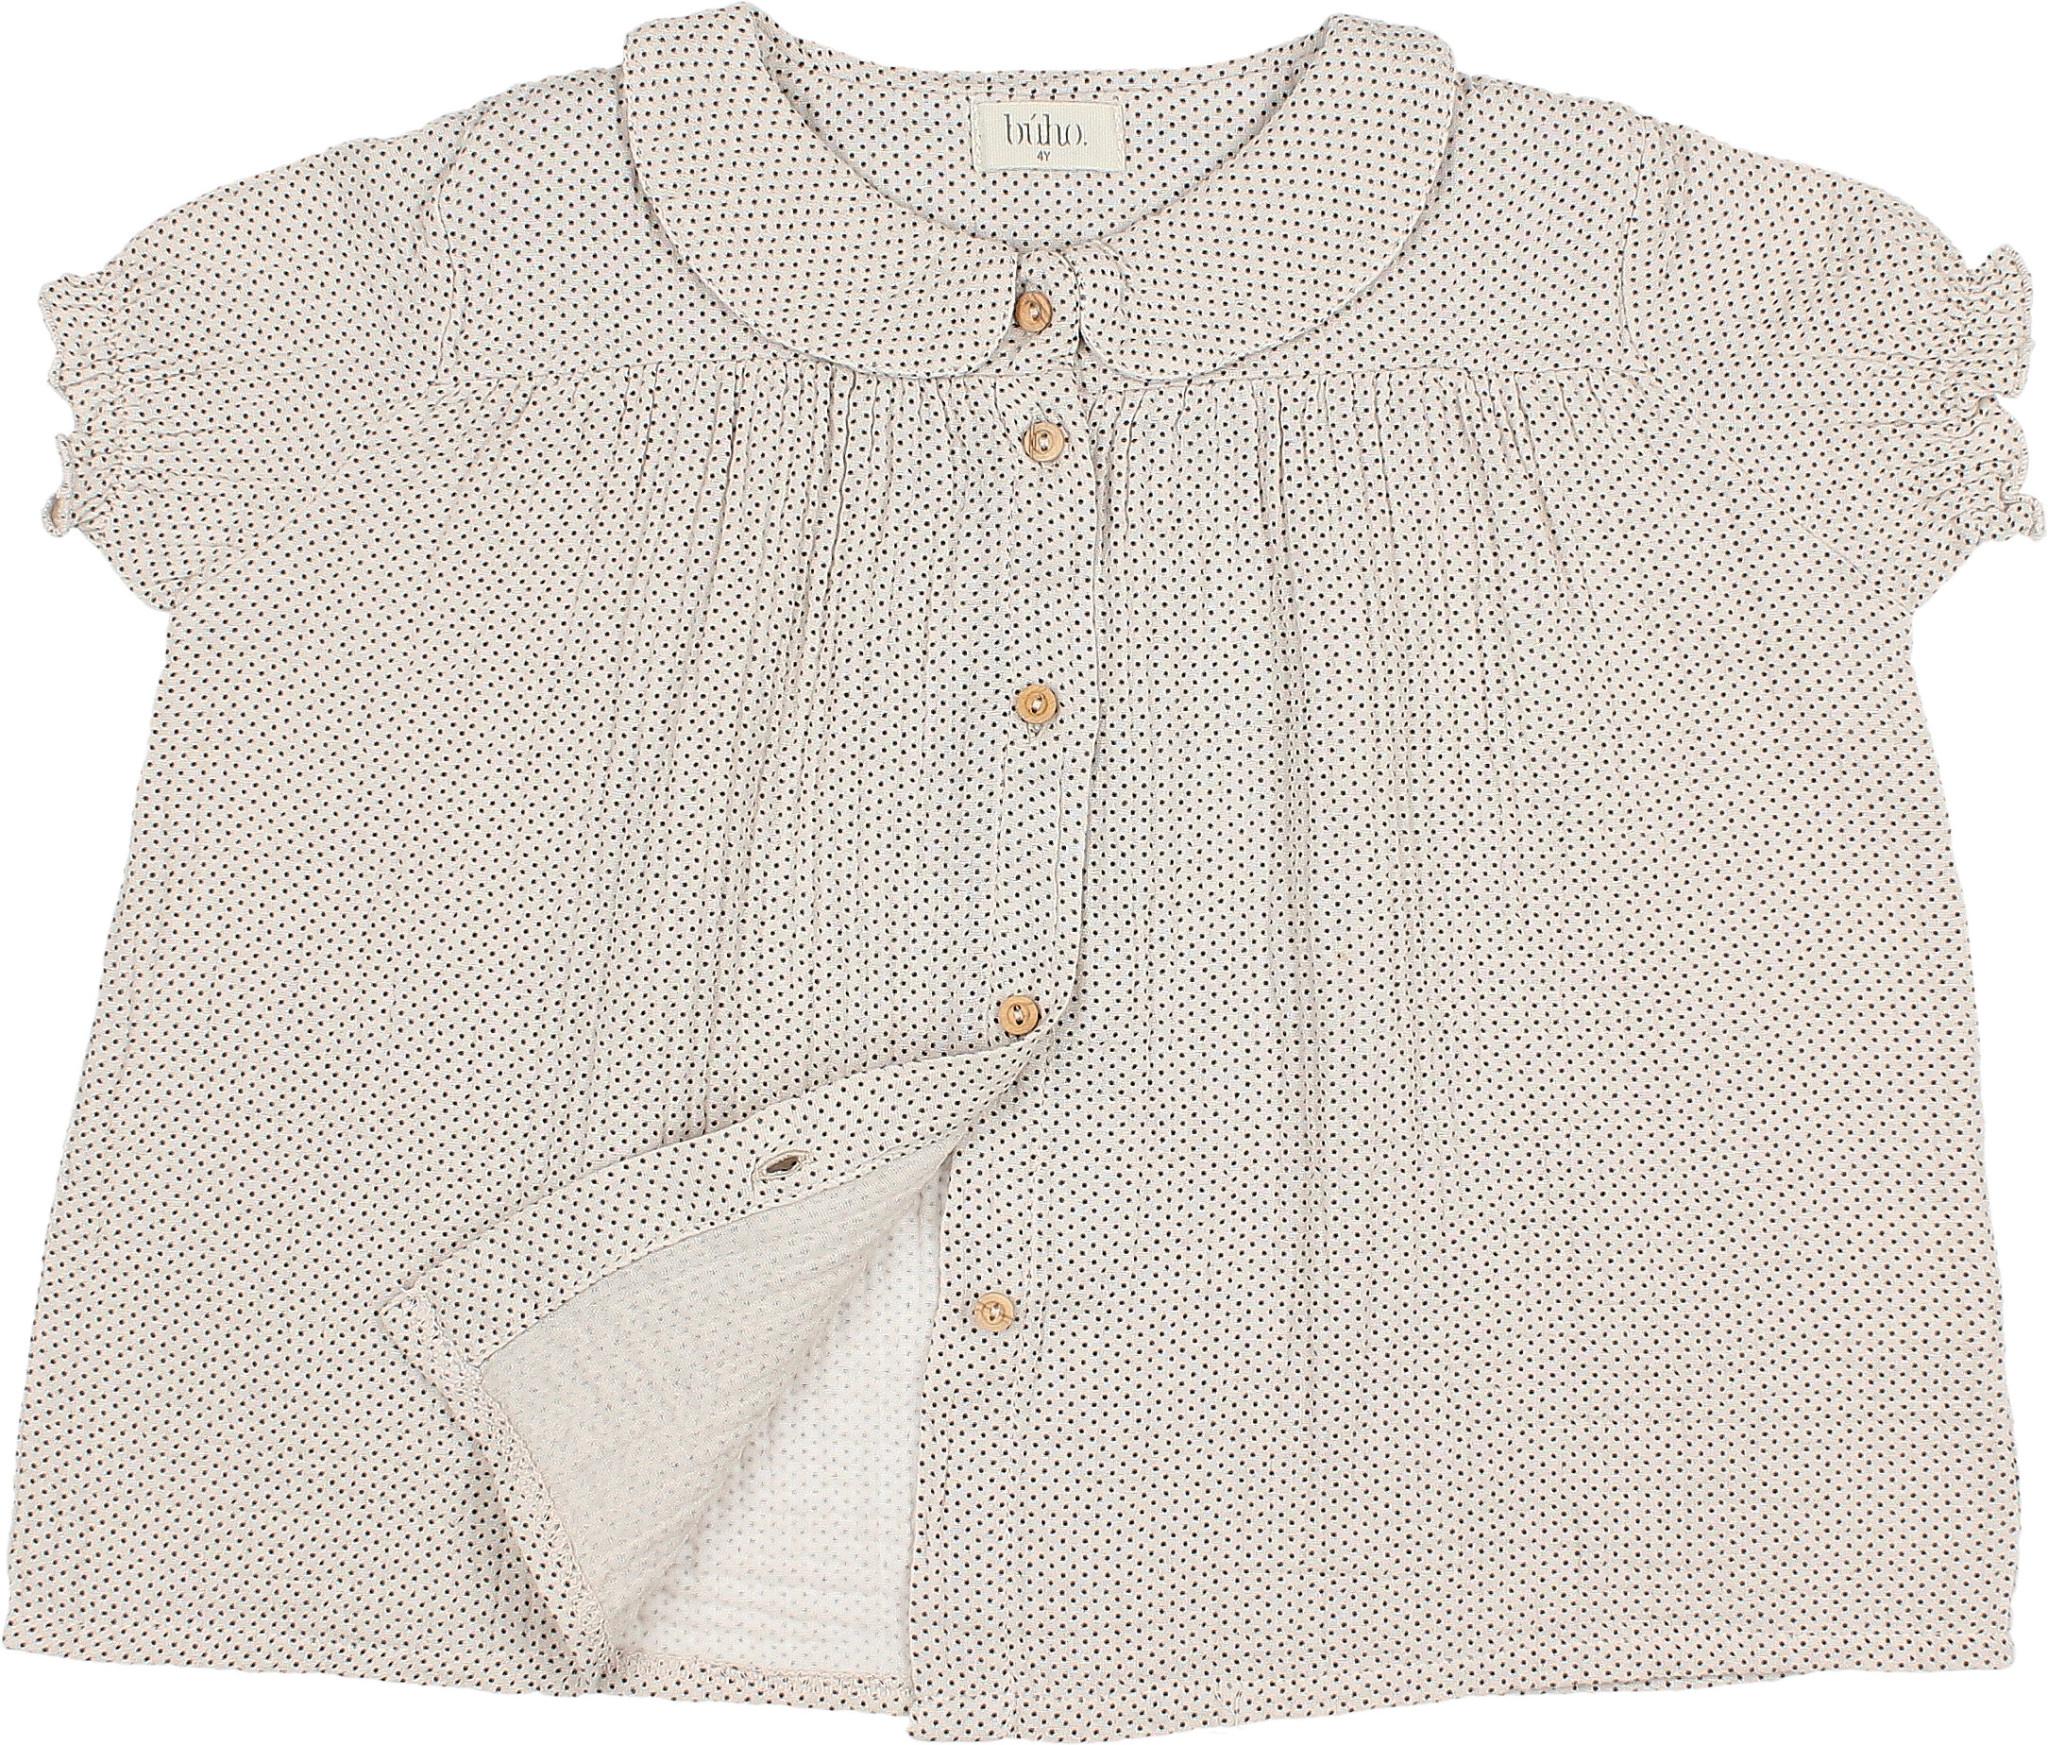 Lili blouse rose-1